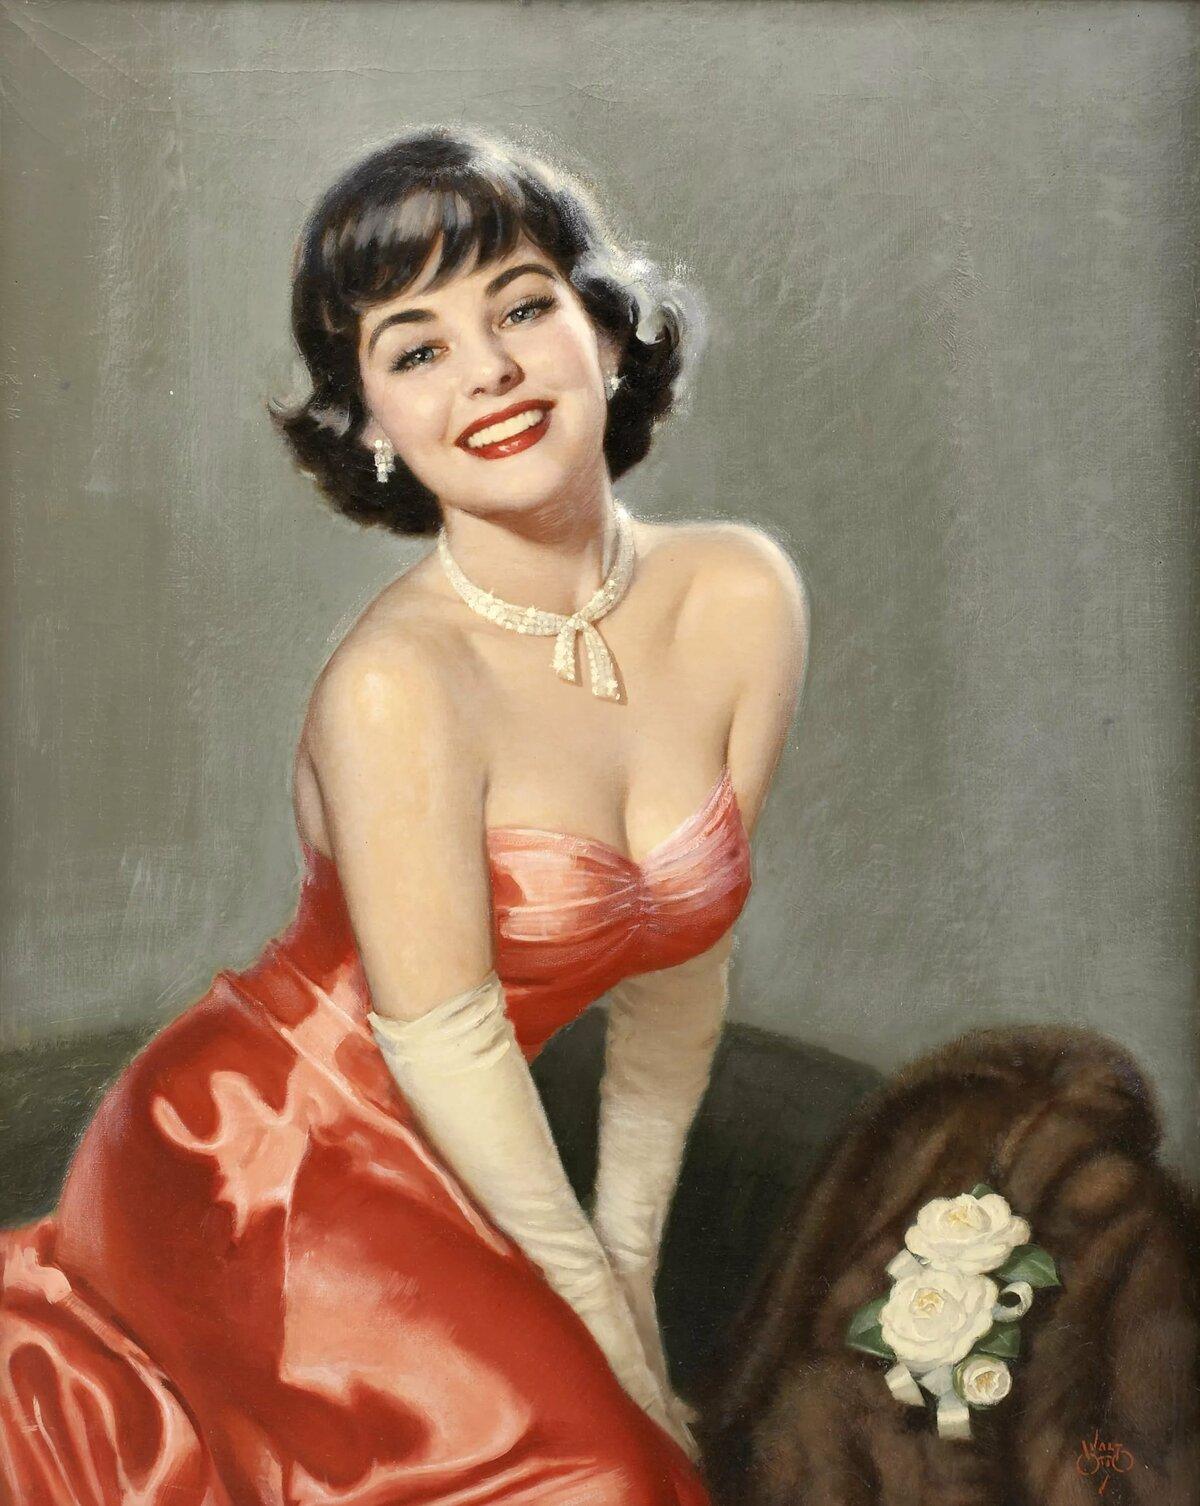 Открытки с портретом женщины